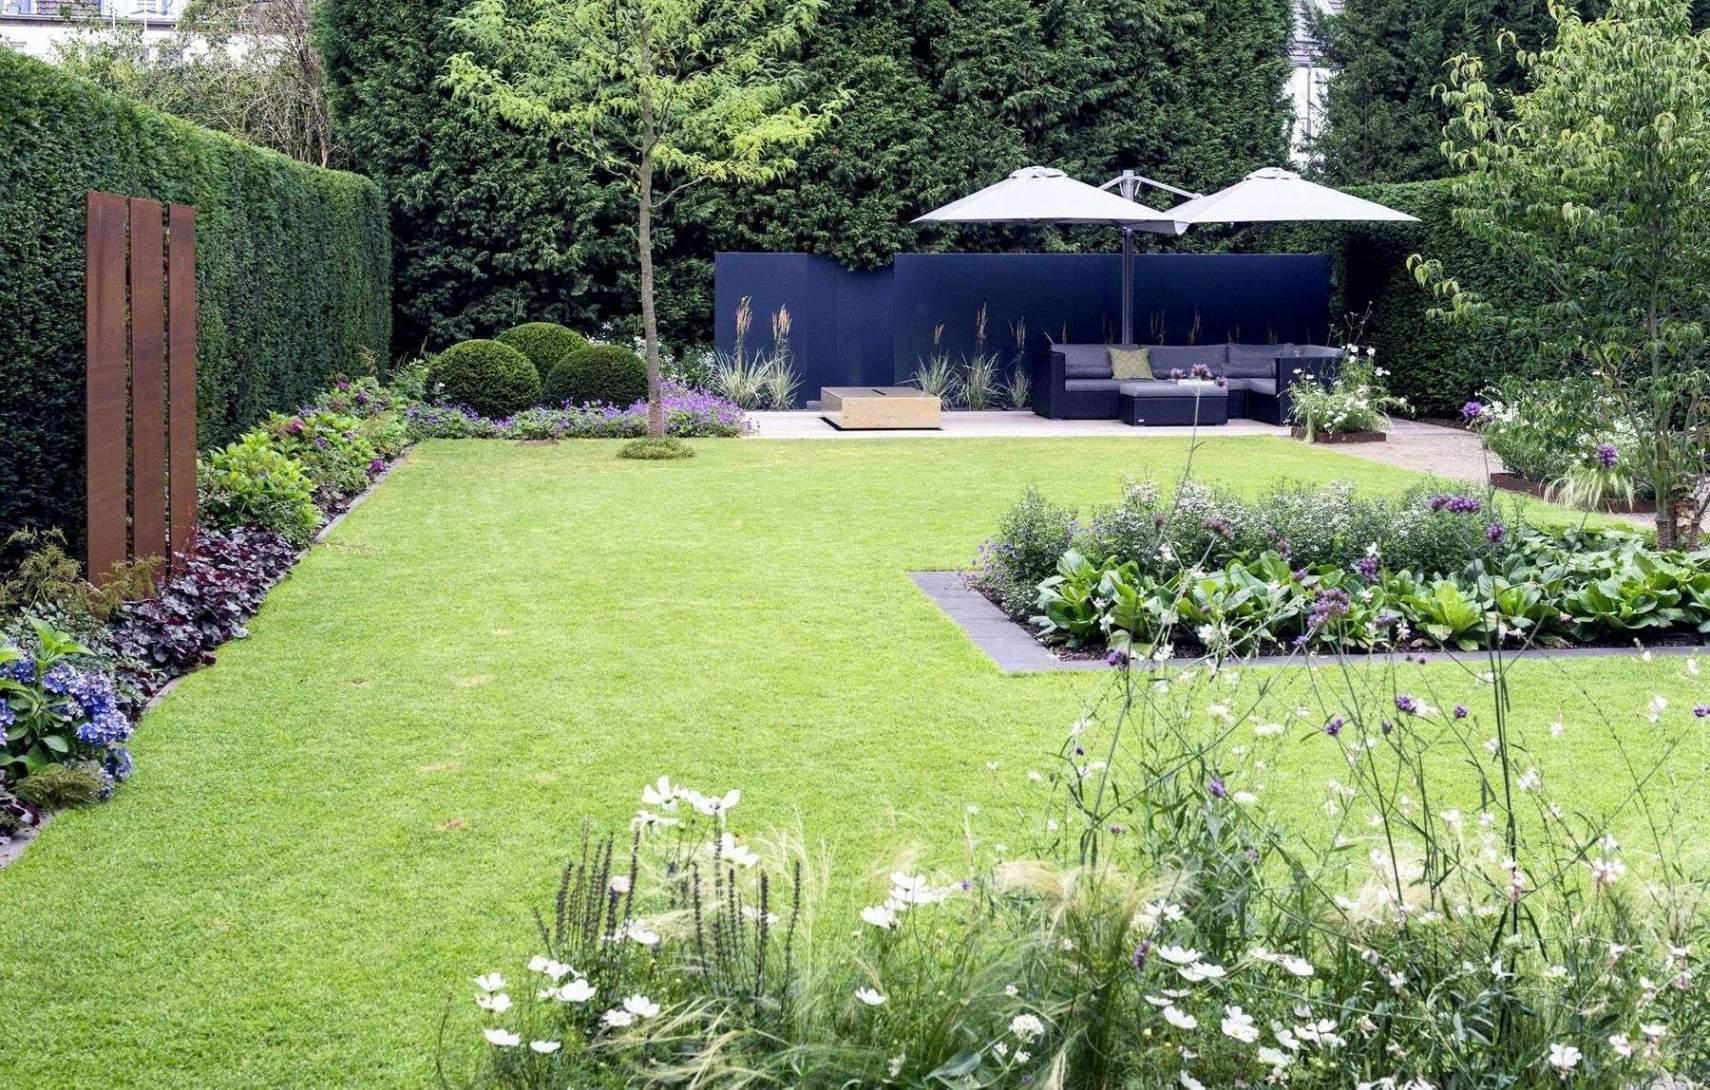 Garten Wandgestaltung Reizend 27 Neu Garten Gestalten Beispiele Inspirierend